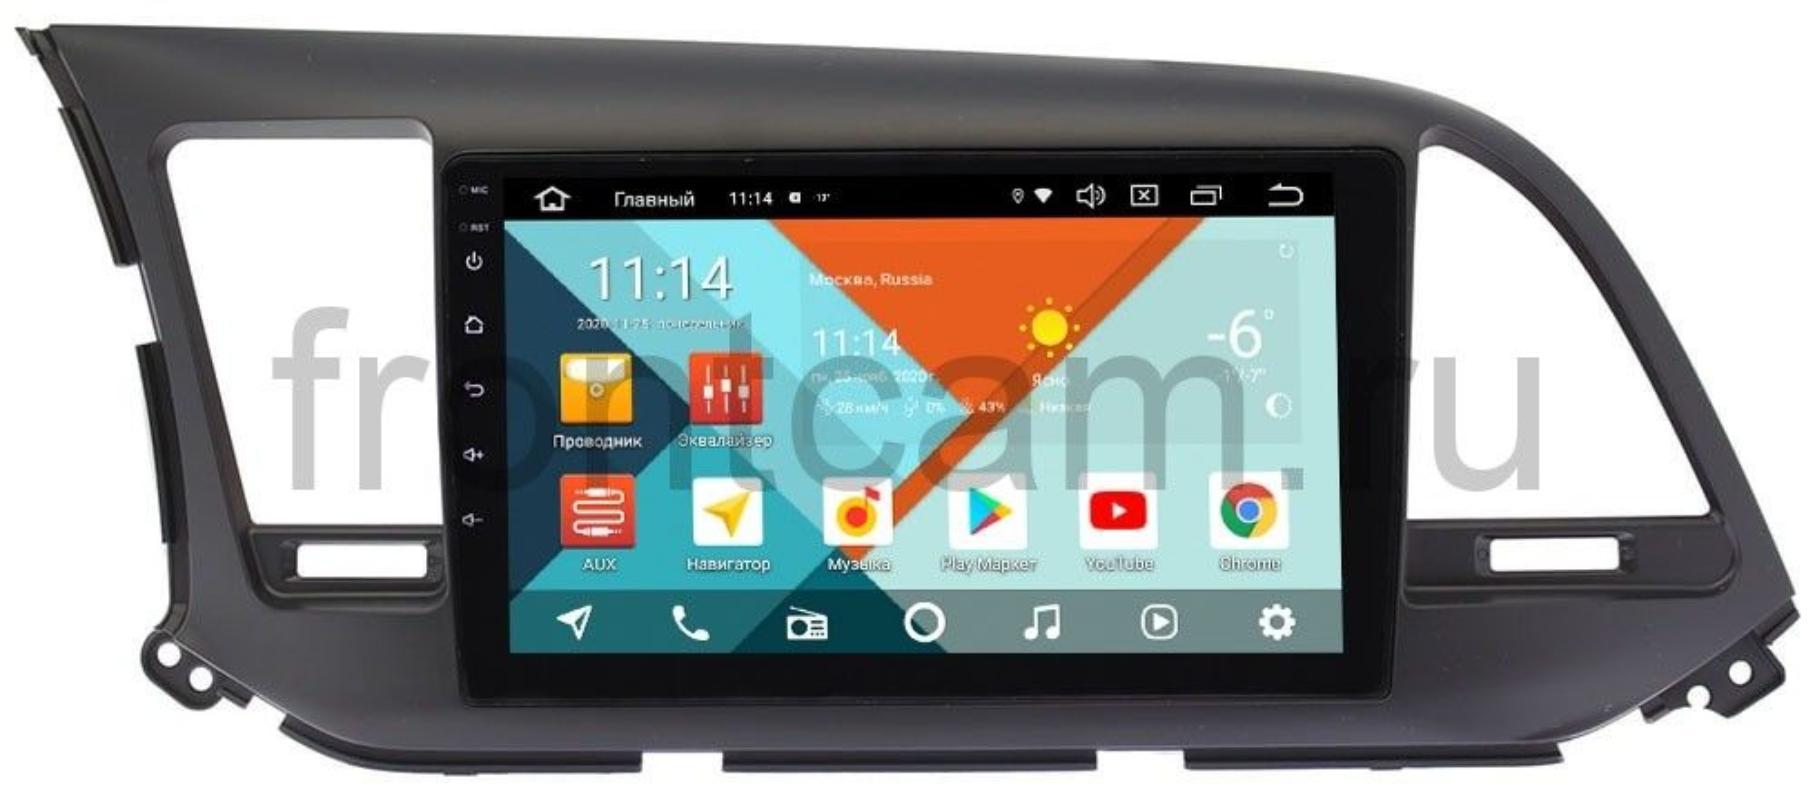 Штатная магнитола Hyundai Elantra VI (AD) Wide Media KS9025QR-3/32 DSP CarPlay 4G-SIM для авто без камеры на Android 10 (+ Камера заднего вида в подарок!)